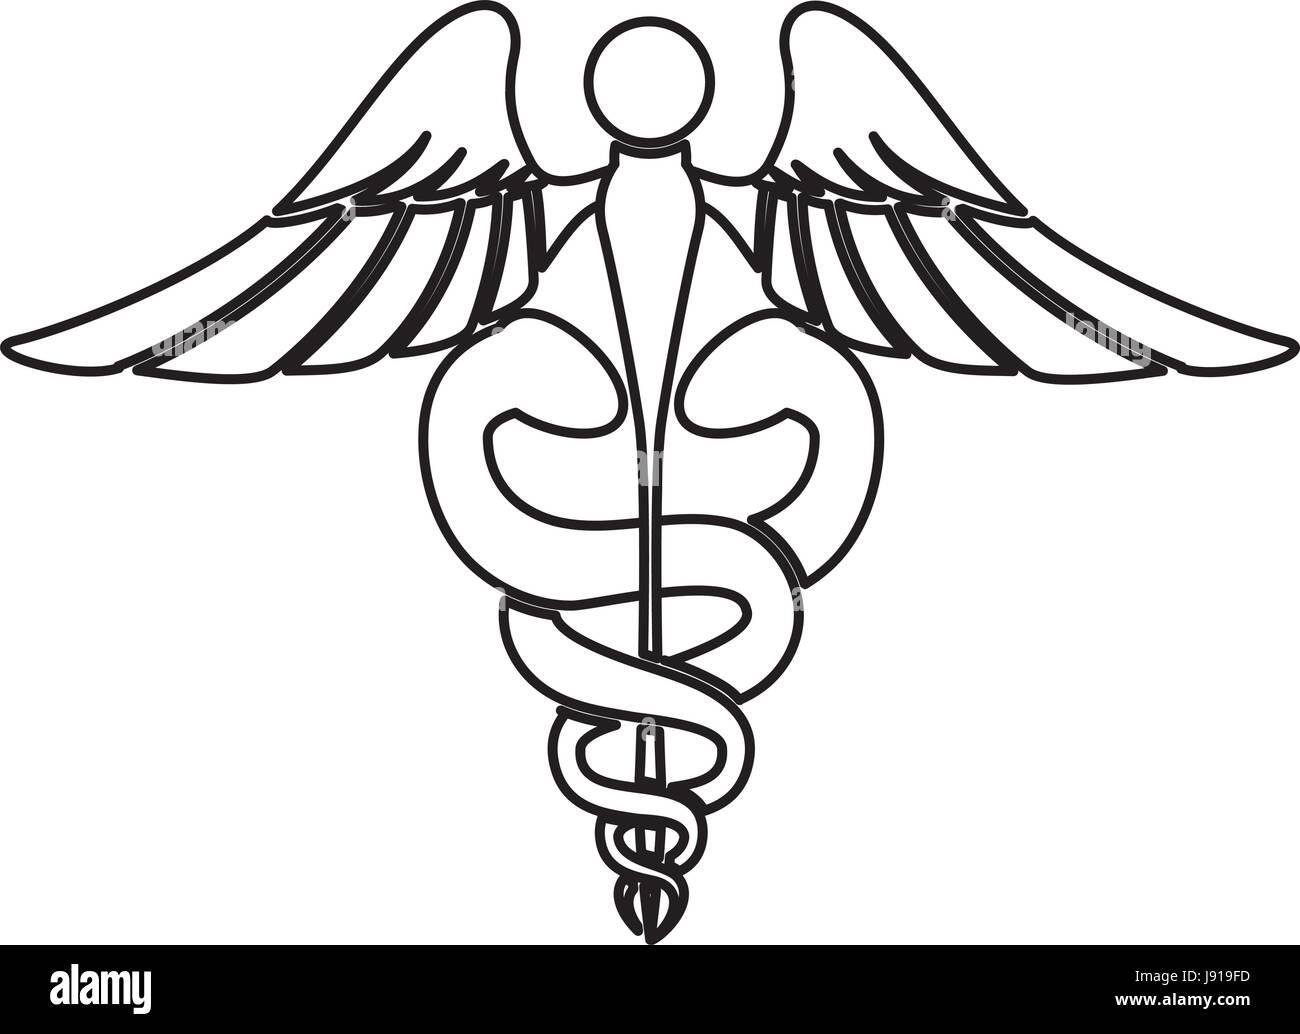 Caduceus medical sign - Stock Image